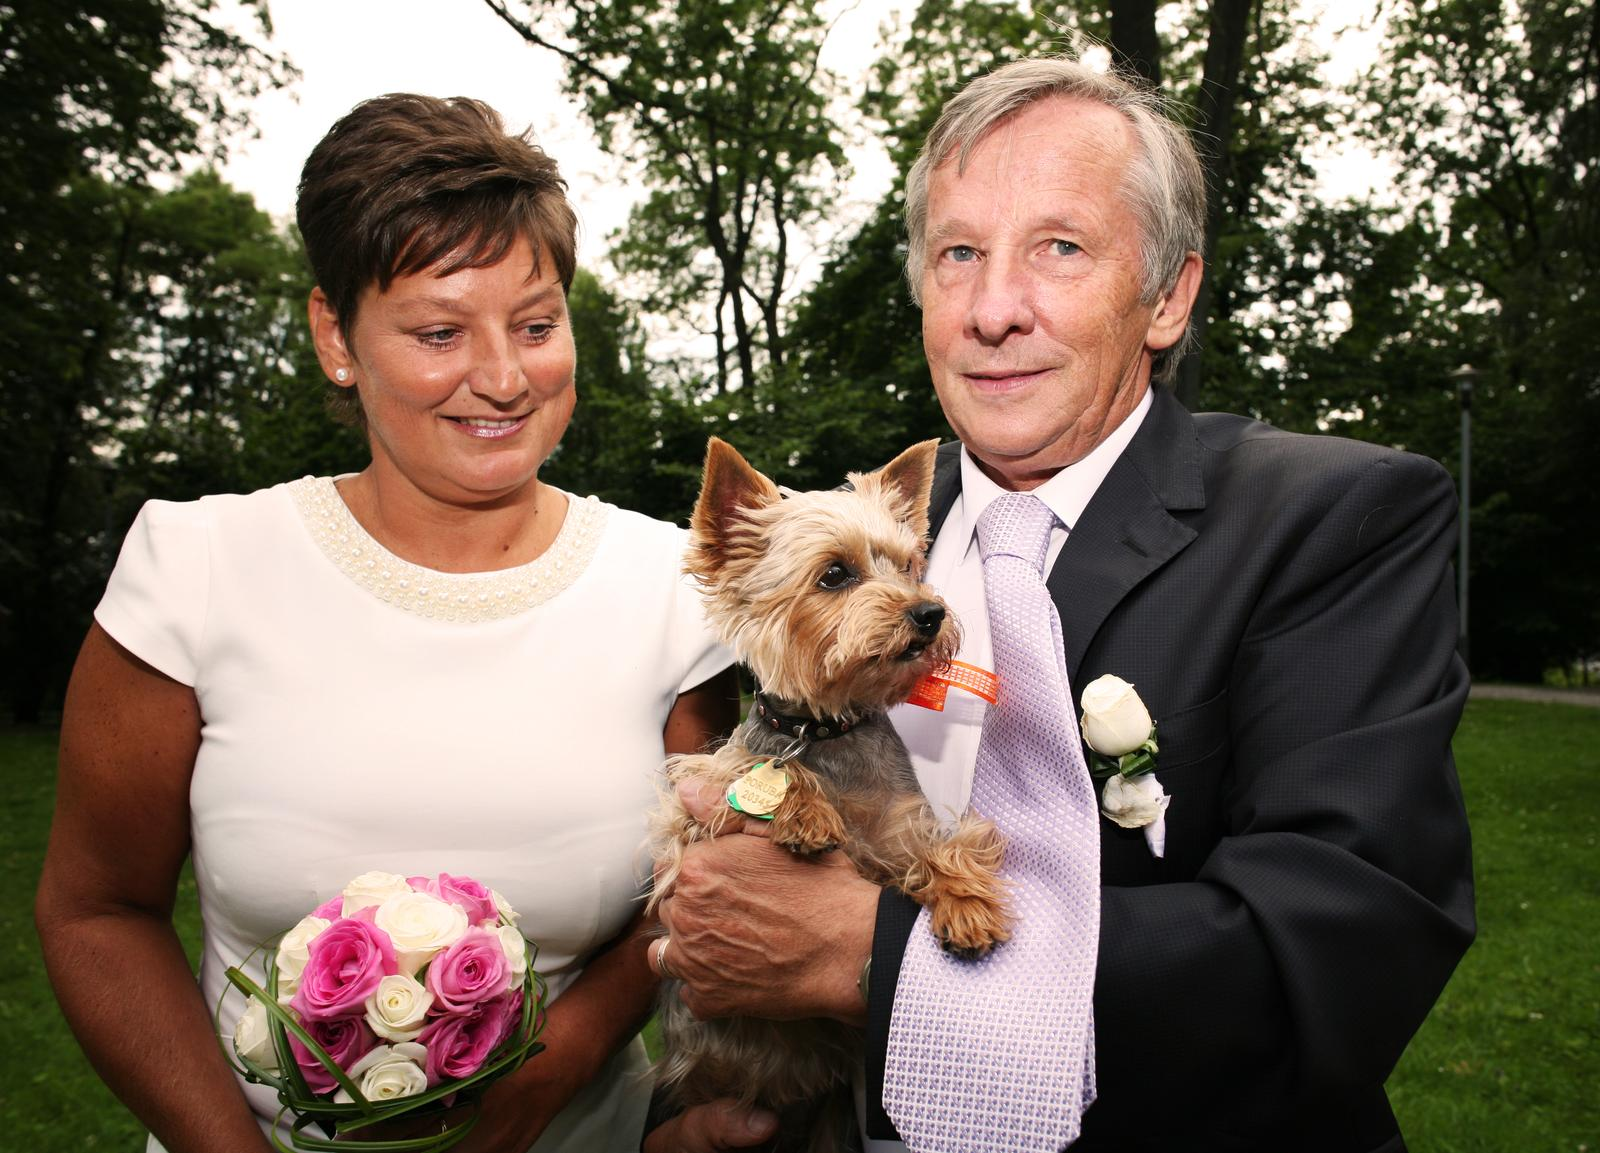 Dnes se oženil můj taťka :-) - Obrázek č. 1